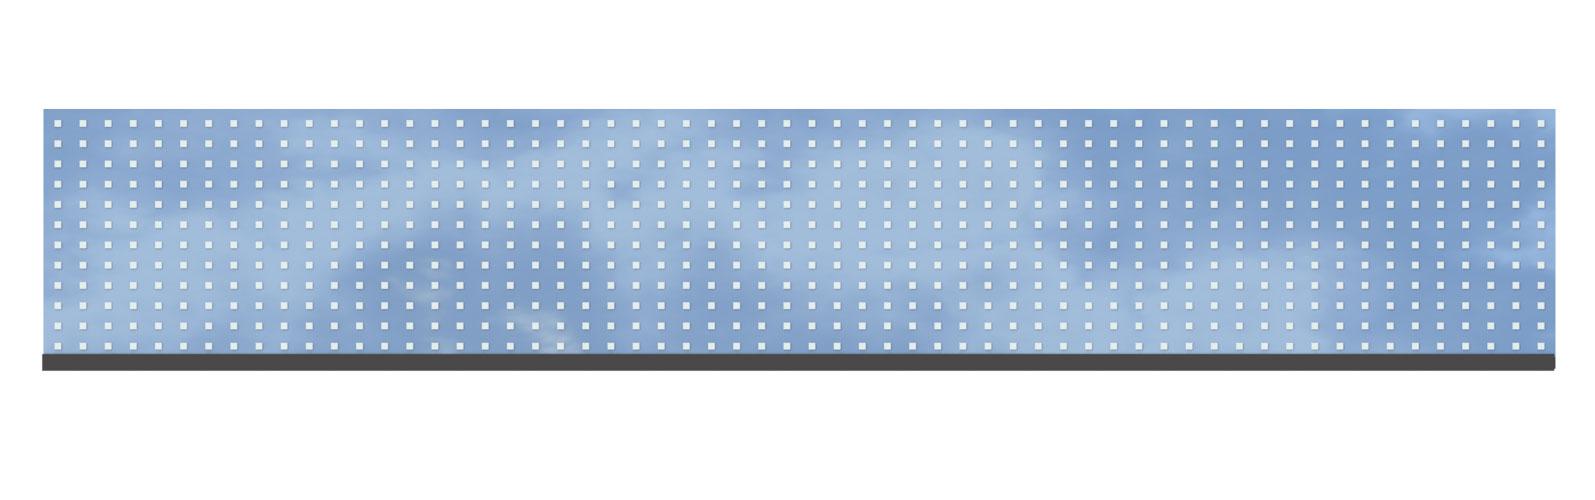 Sichtschutzzaun TraumGarten System Dekorprofil Glas Theta 178x30cm Bild 1